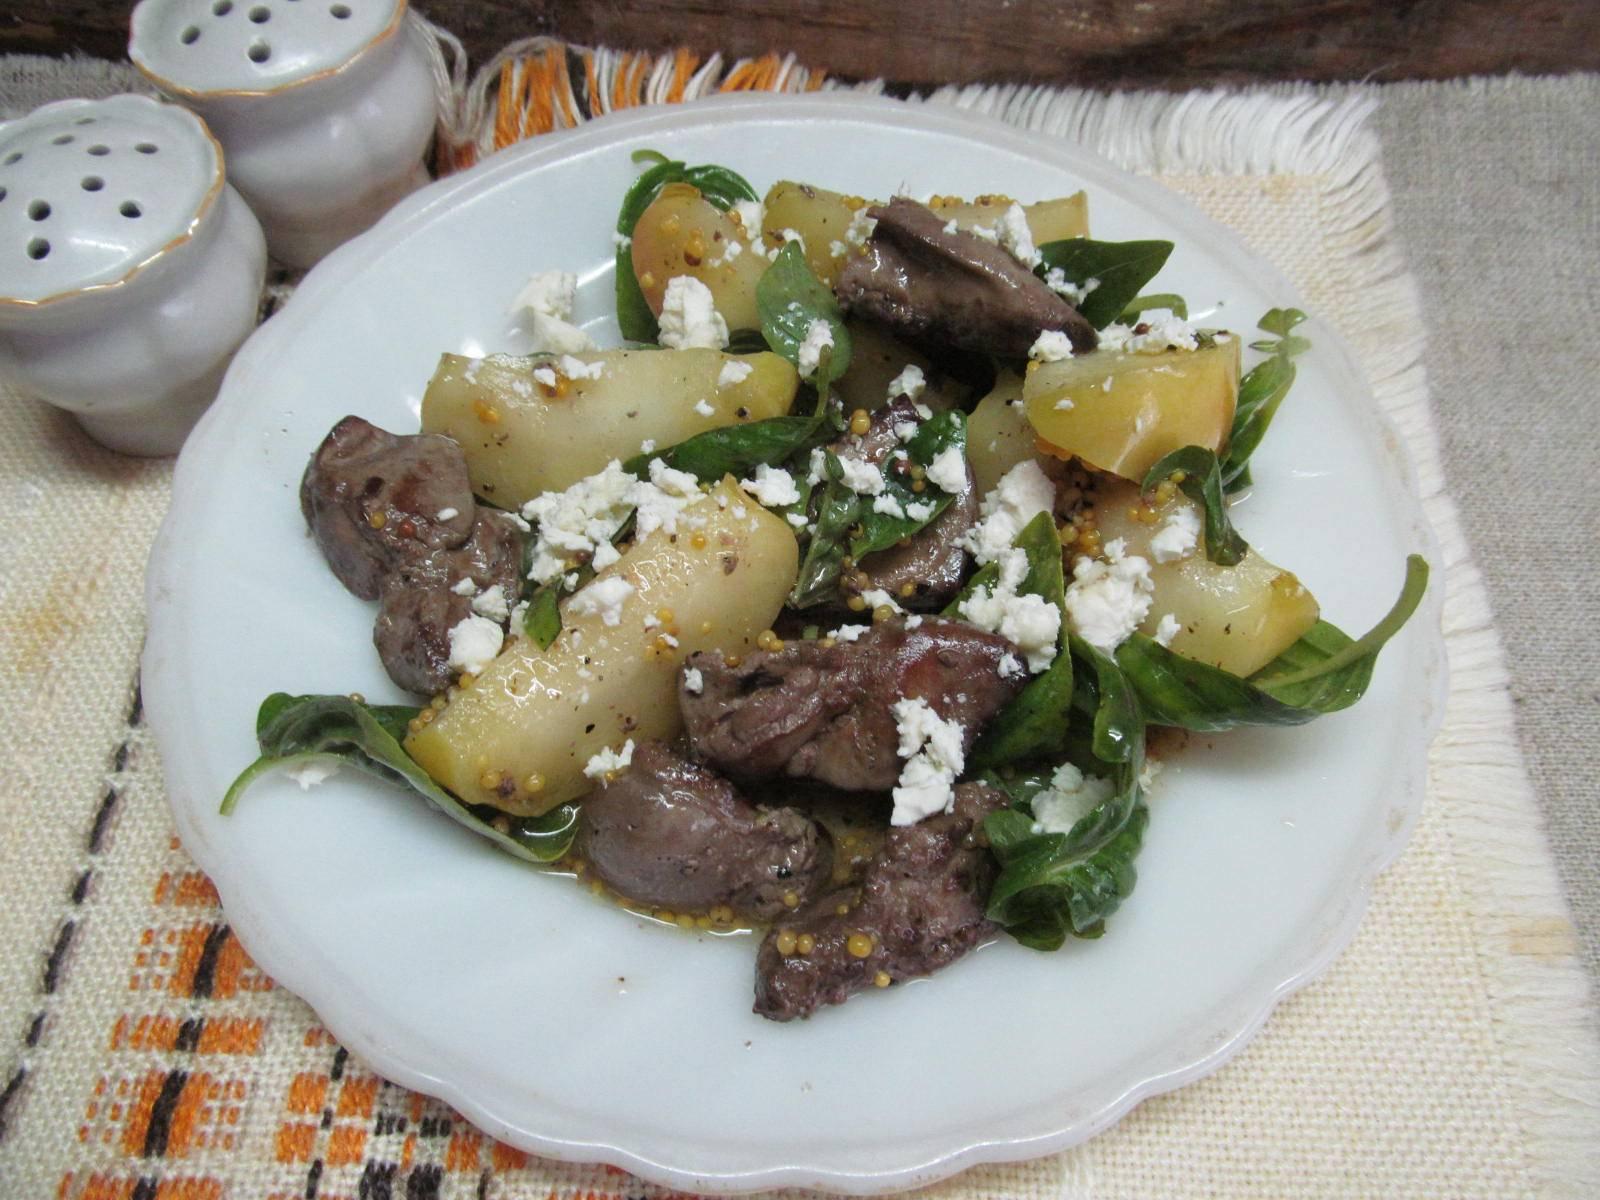 Куриная печень в яблочном соусе - 8 пошаговых фото в рецепте